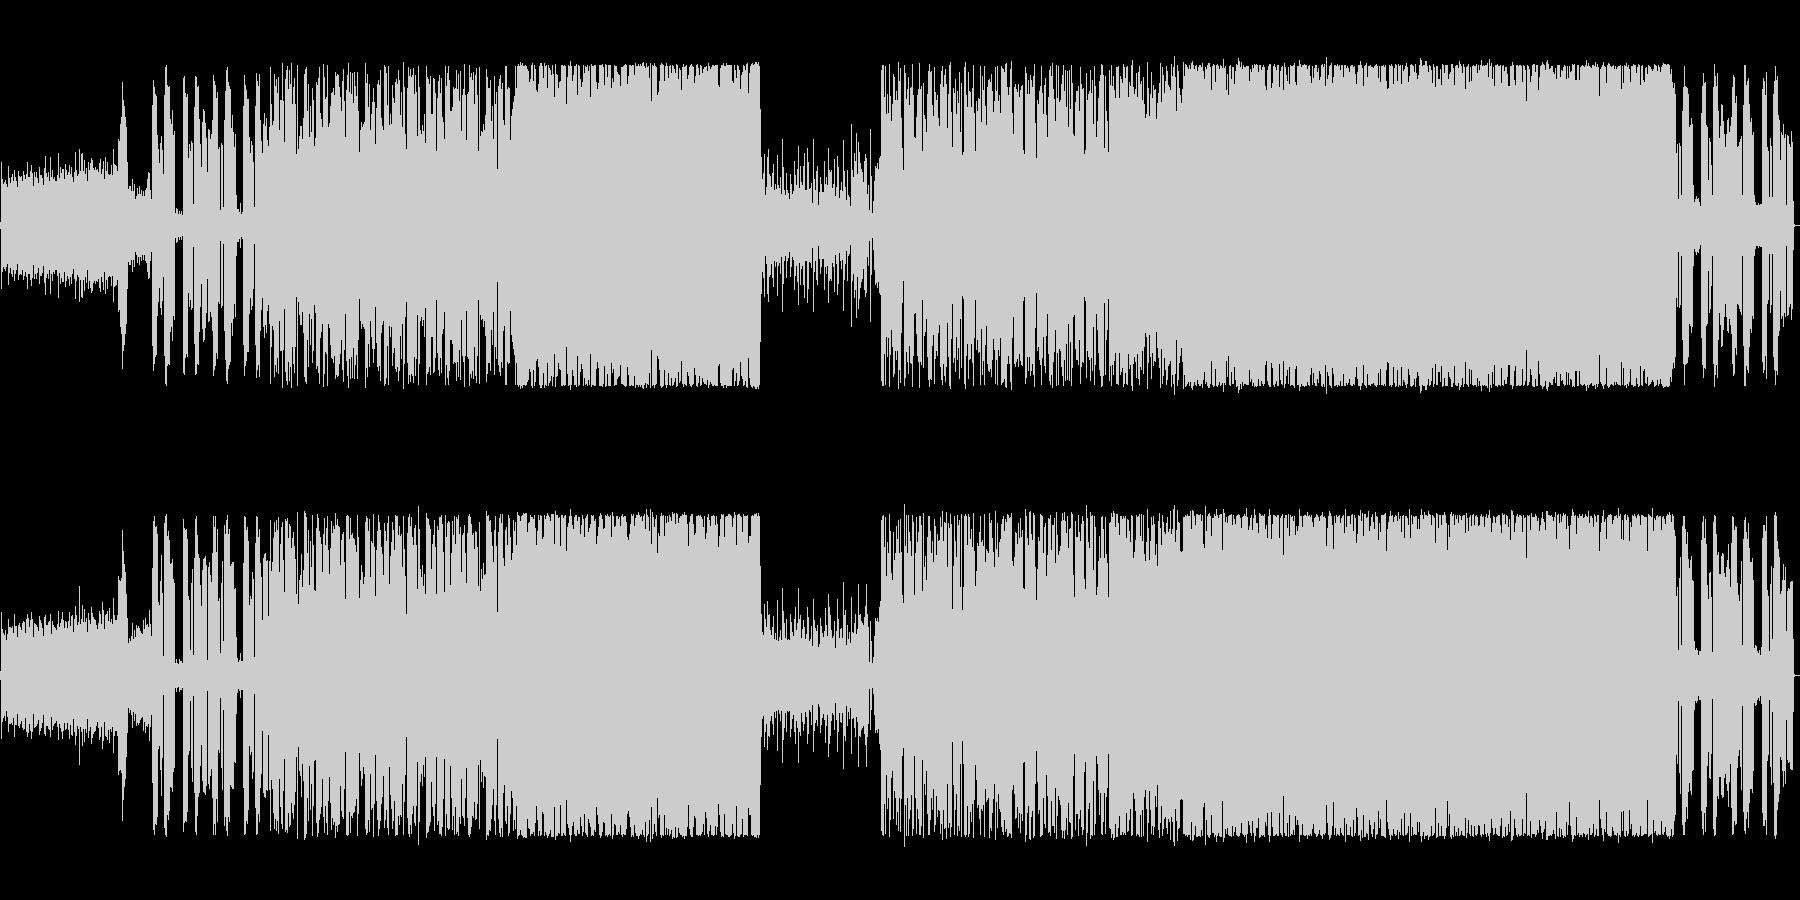 シンセを駆使したハードロックの未再生の波形